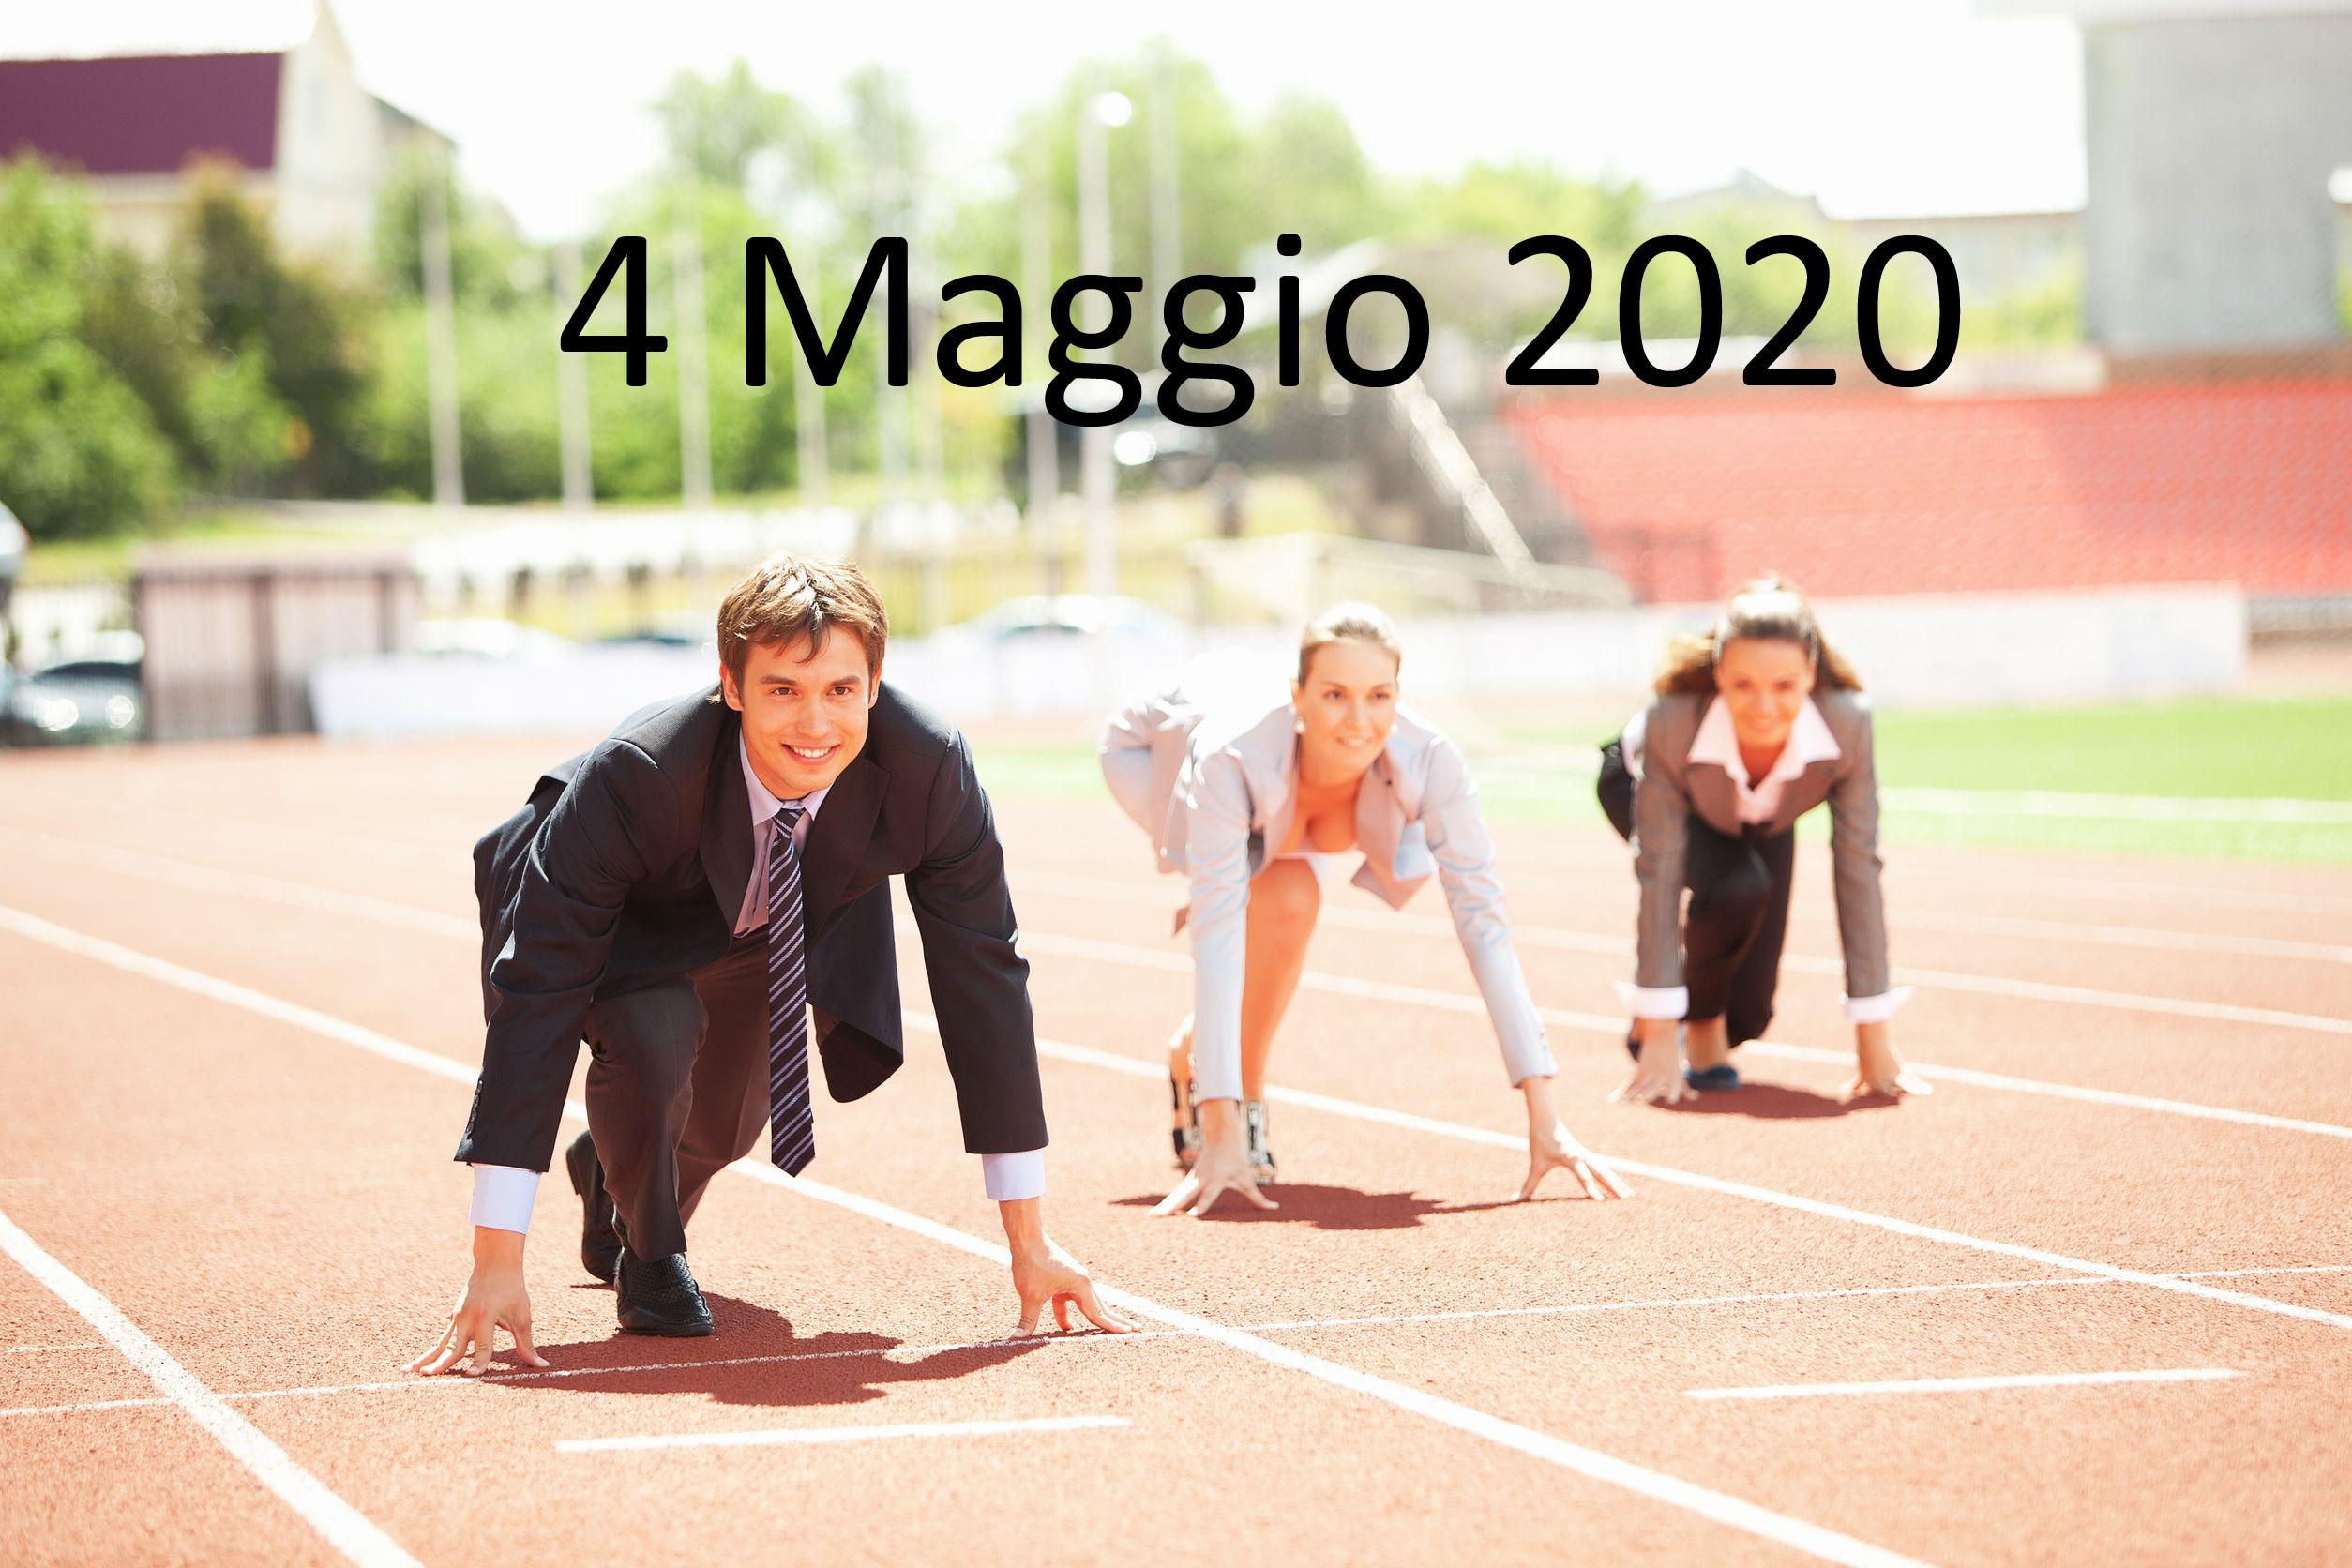 DPCM 26 Aprile 2020 – 4 Maggio si inizia a ripartire